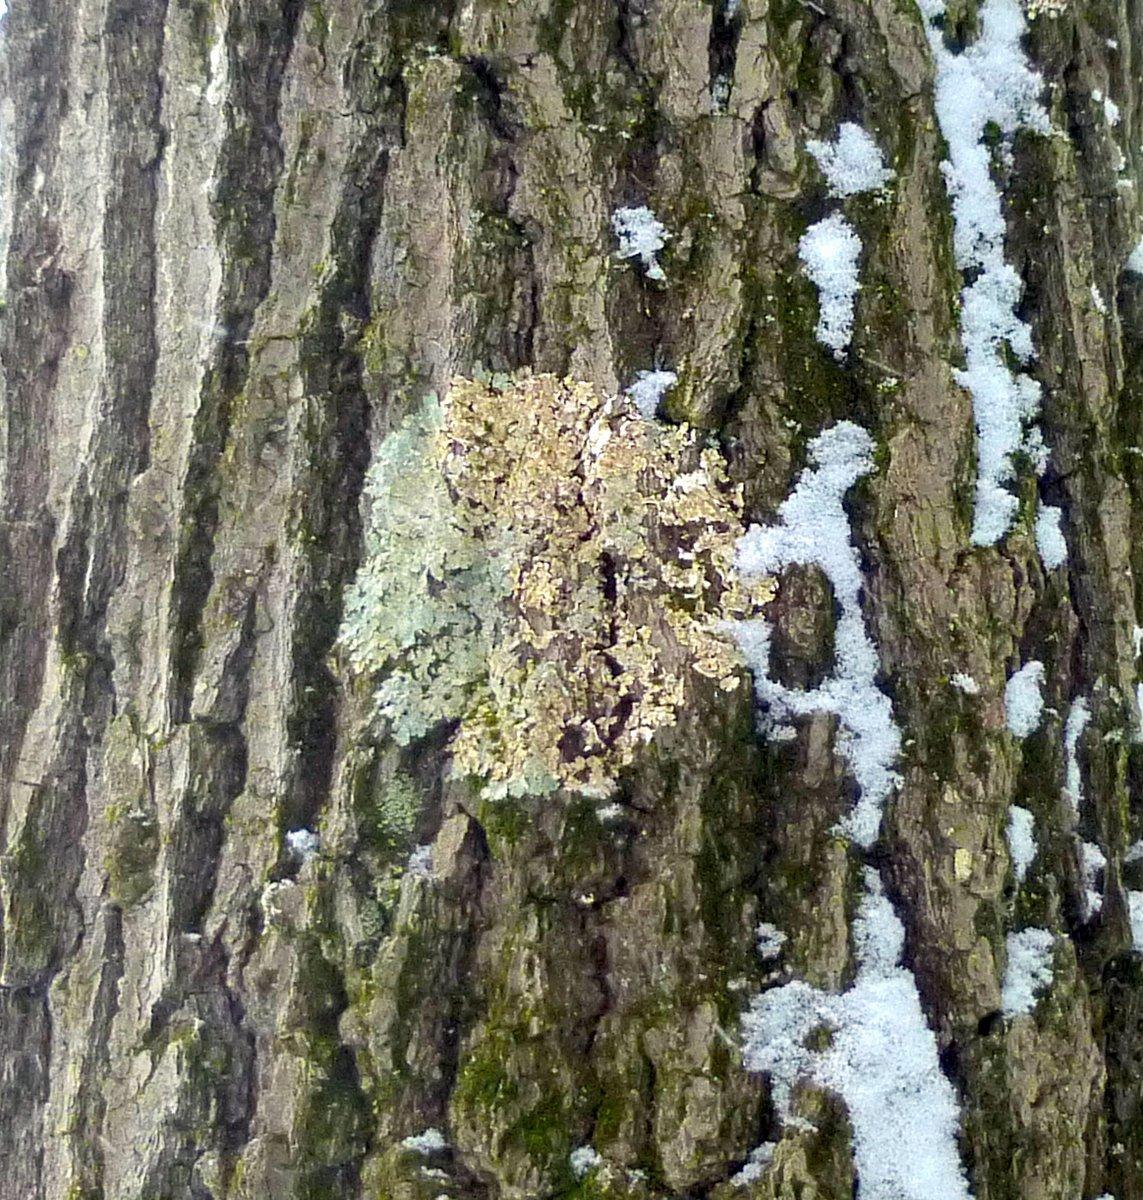 3. Common Greenshield Lichen